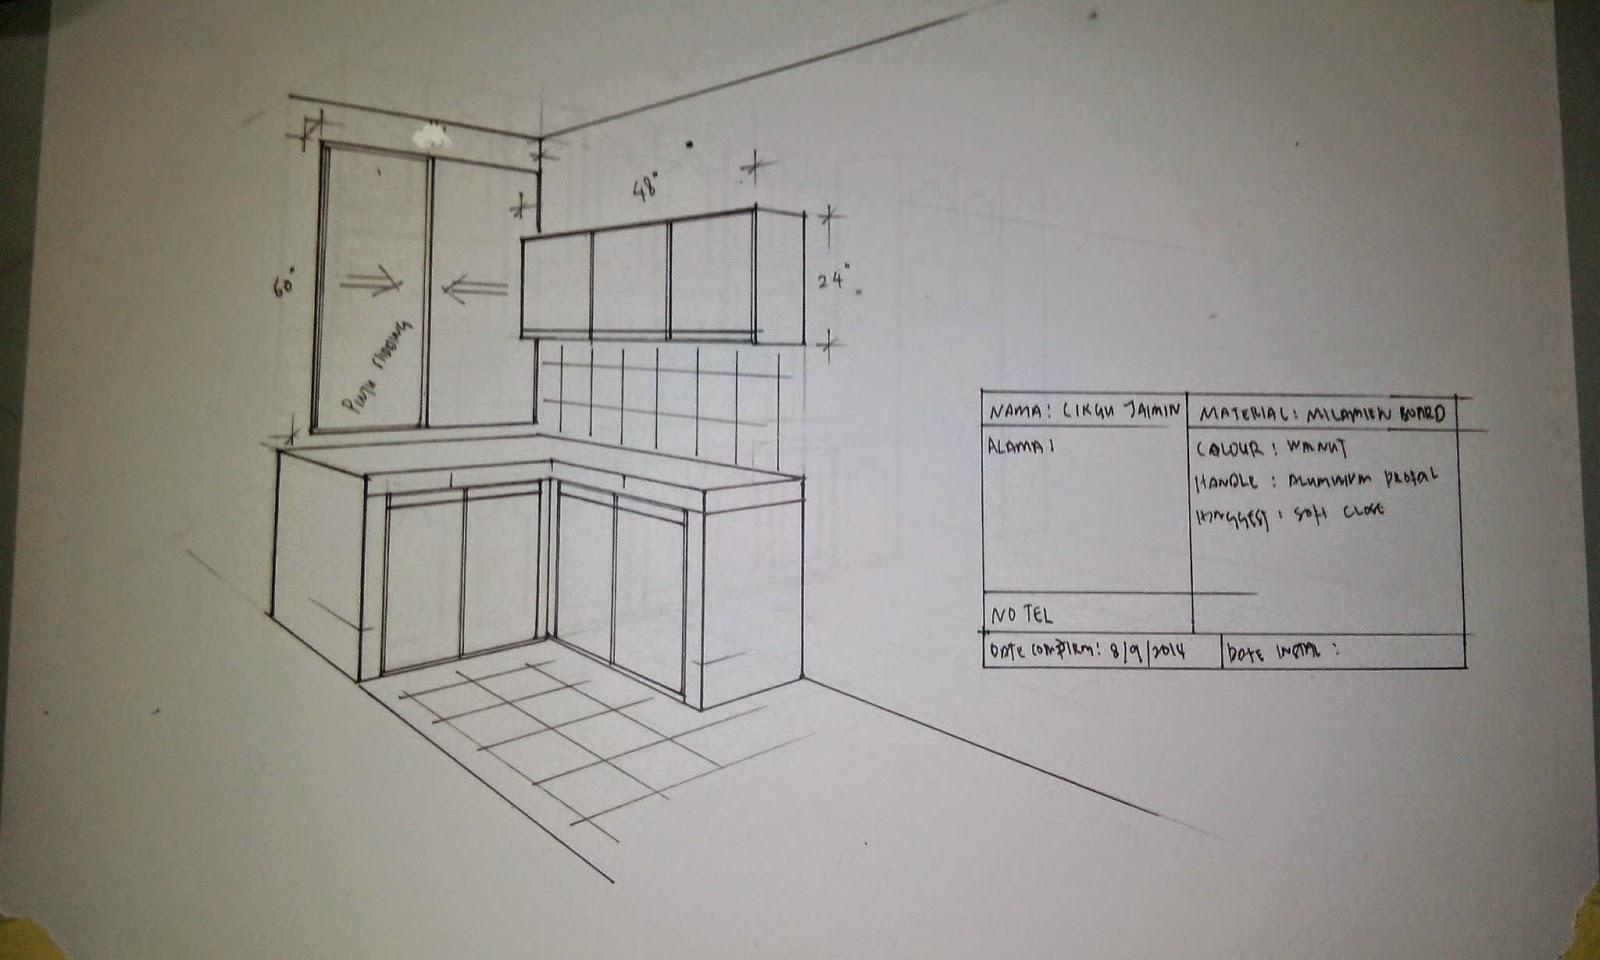 Yg Ni Lakaran Kabinet Dapur Umah Beliau Material Di Gunakan Spt Milamine Board Serta Kekemasan Edging Aluminium Manakala Handle K Kami Pakai